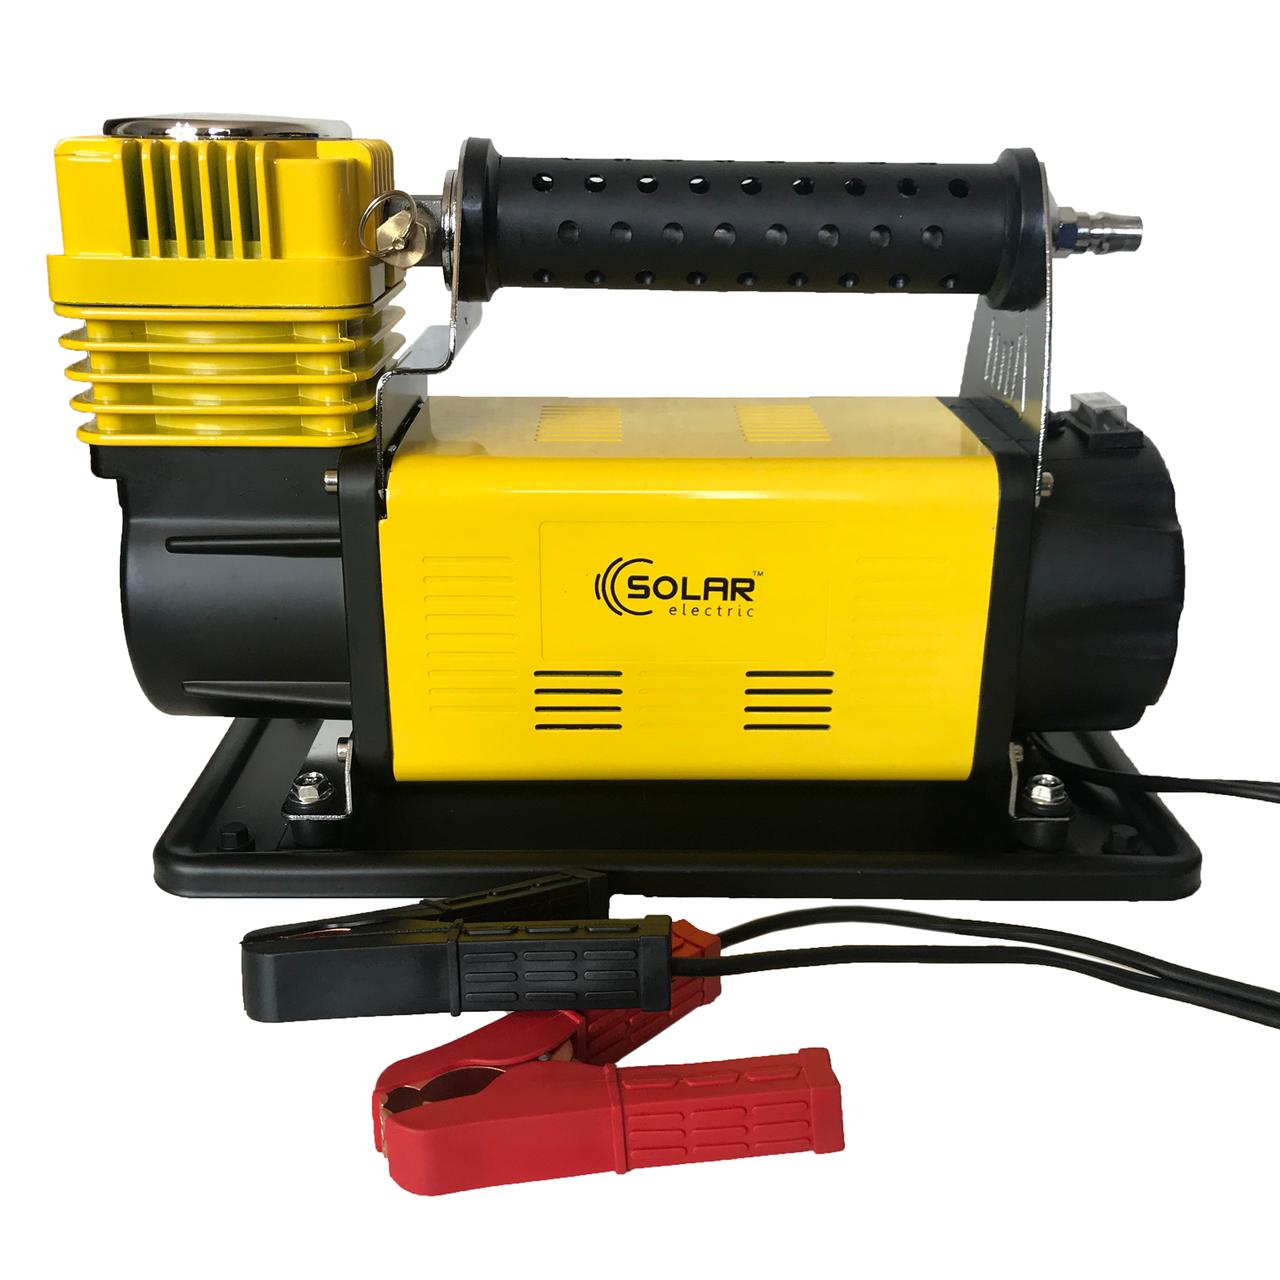 Автомобильный компрессор Solar AR 213 160л/минуту, 10 Атм, 600 Вт (87423829472346)